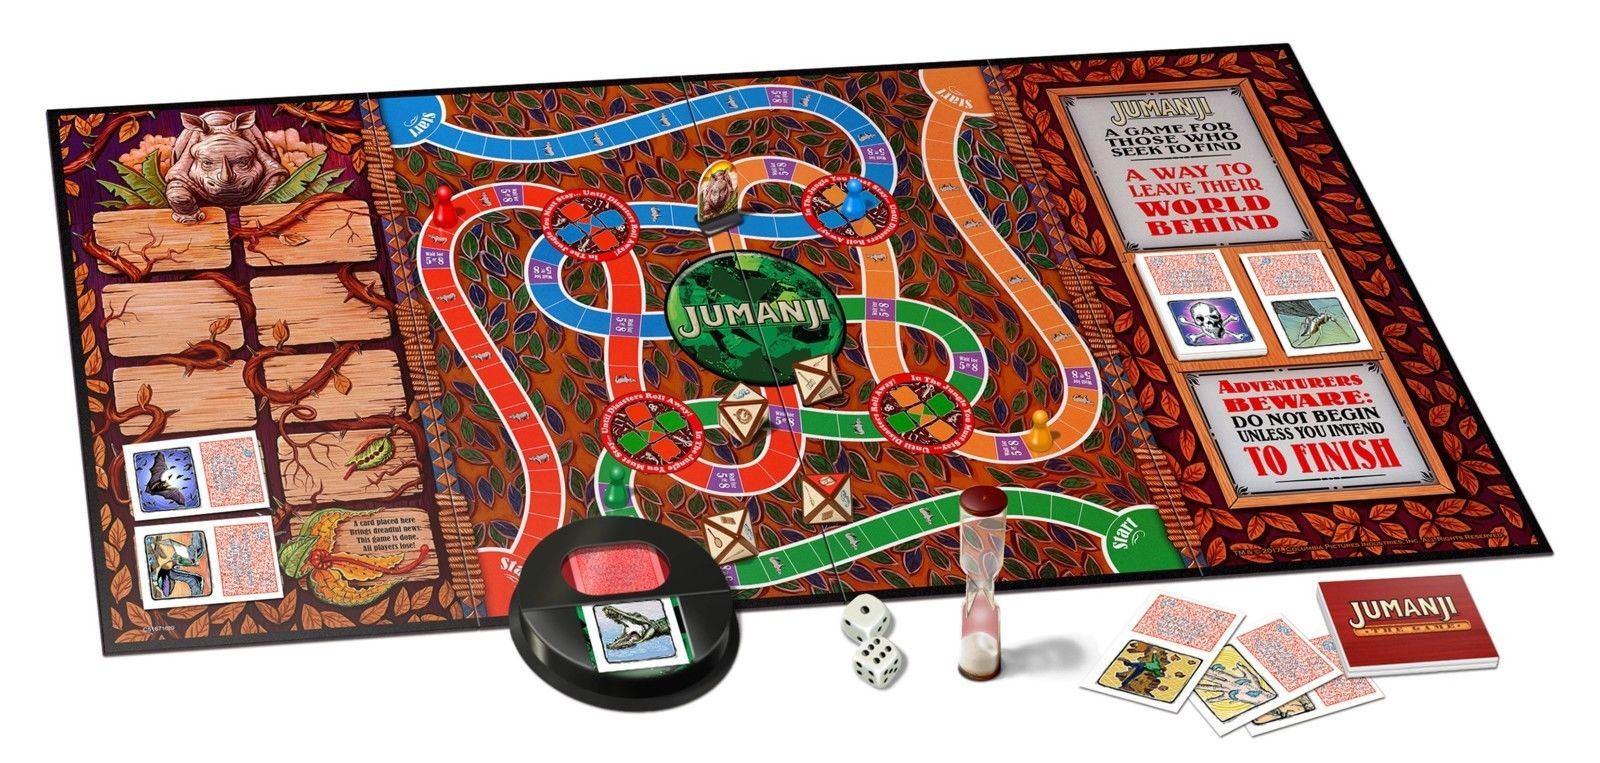 jumanjii-board-game-toyslife